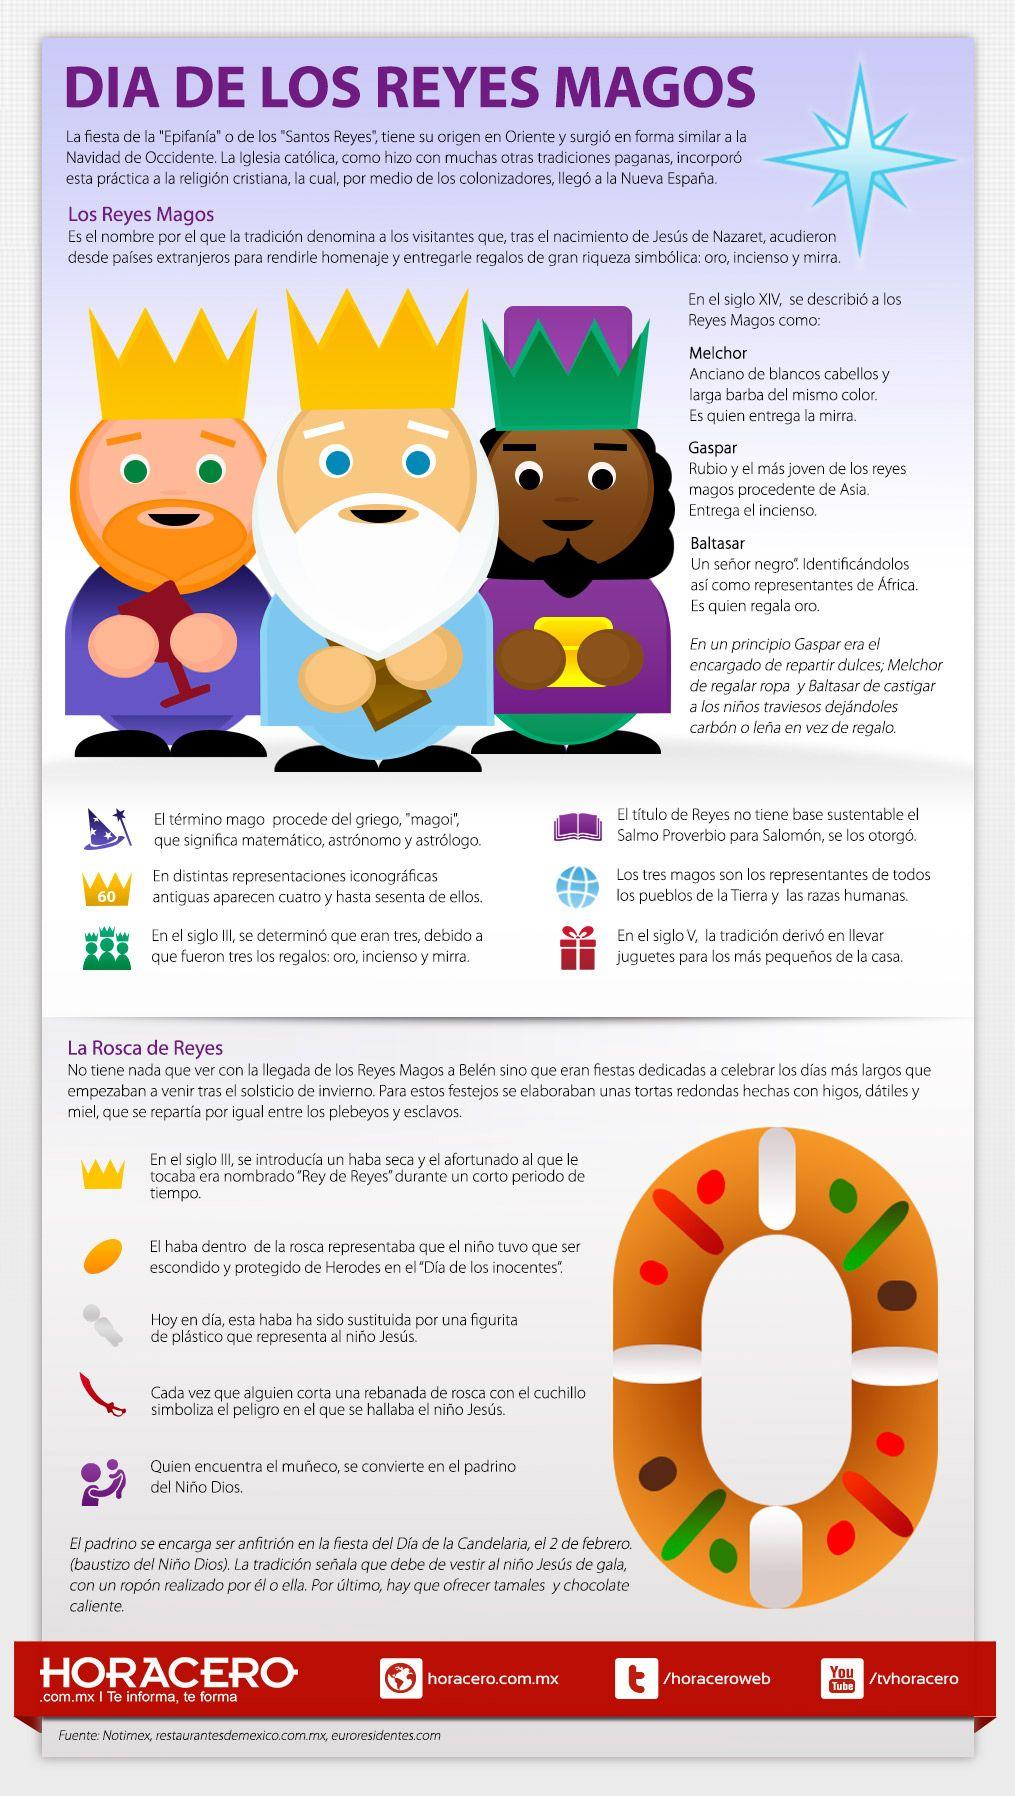 Los Reyes Magos Día De Reyes Hora Cero Web Dia De Los Reyes Magos Día De Reyes Rey Mago